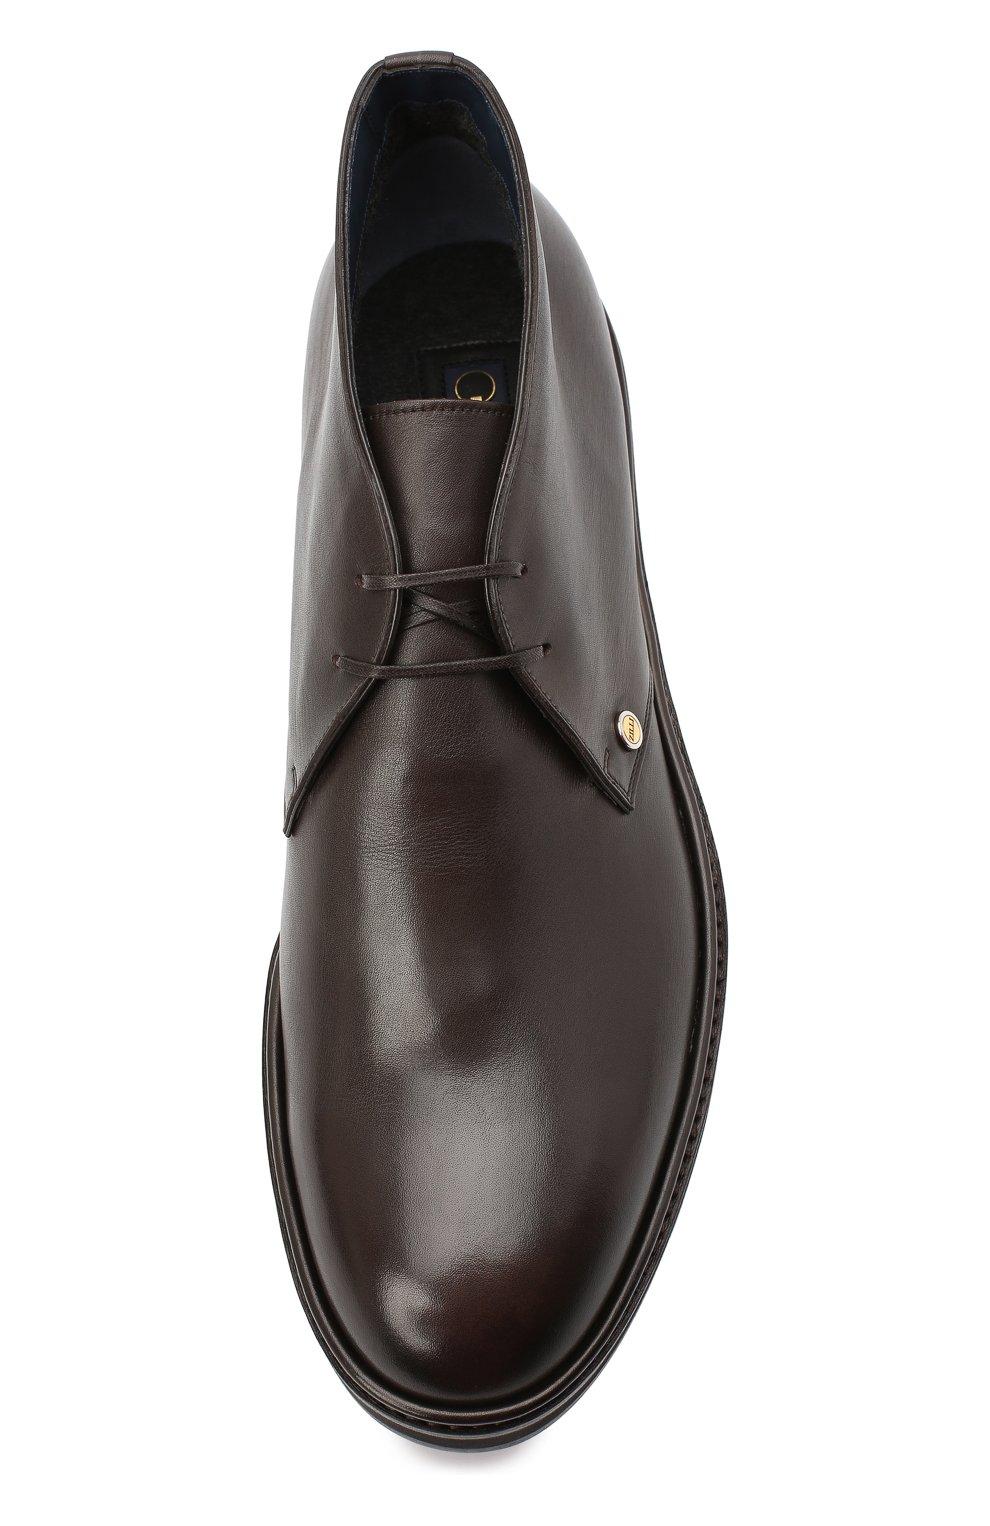 Мужские кожаные ботинки ZILLI коричневого цвета, арт. MDU-A095/005 | Фото 5 (Мужское Кросс-КТ: Ботинки-обувь, Дезерты-обувь; Материал внутренний: Текстиль; Подошва: Массивная)